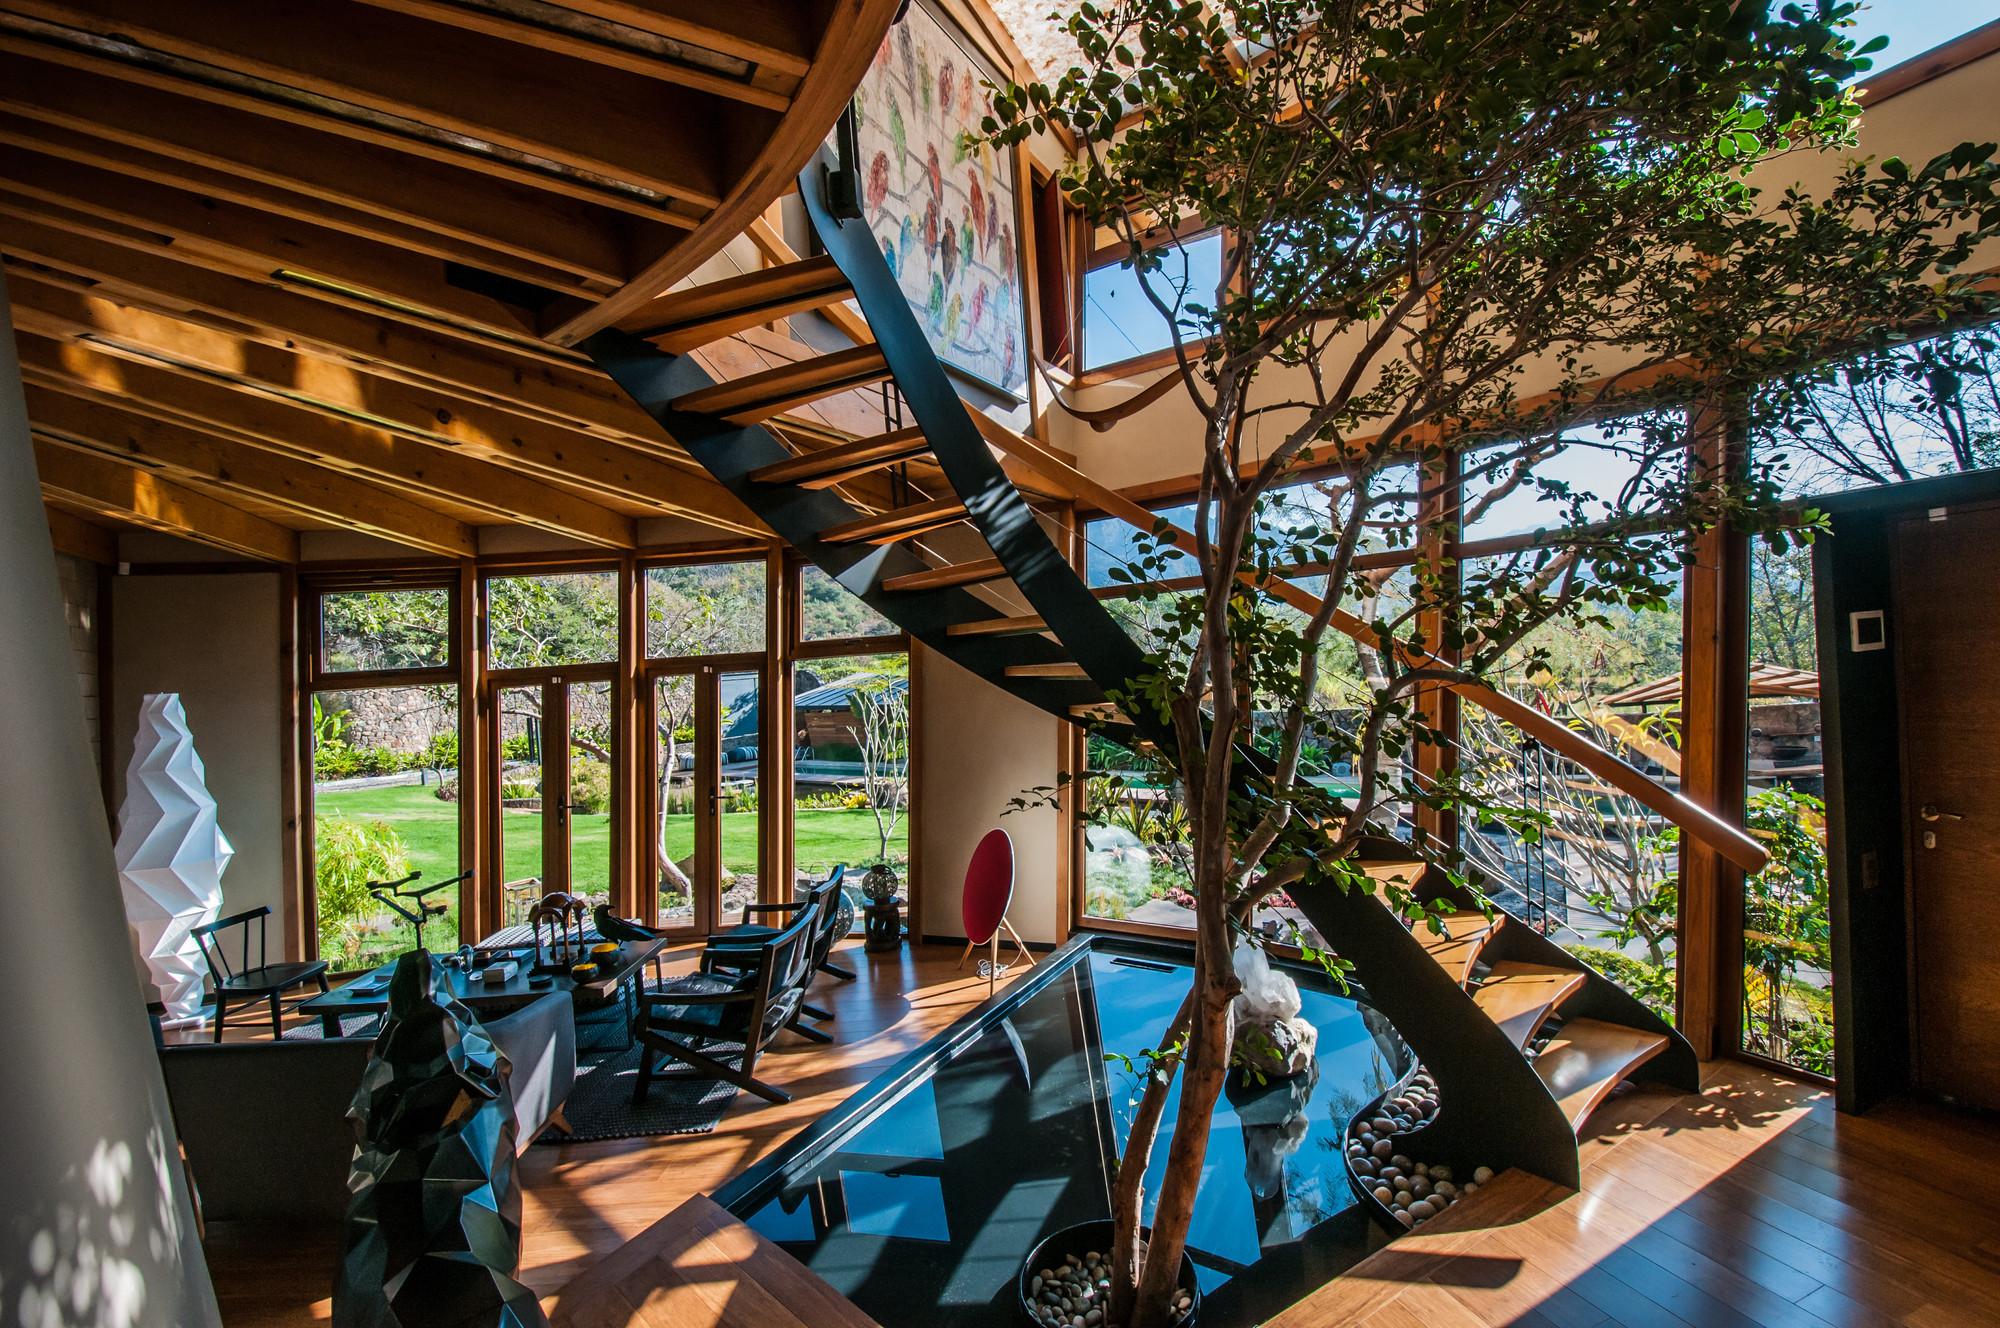 Casa Lobo  LANABE Laboratorio nmada de diseo espacial  Plataforma Arquitectura